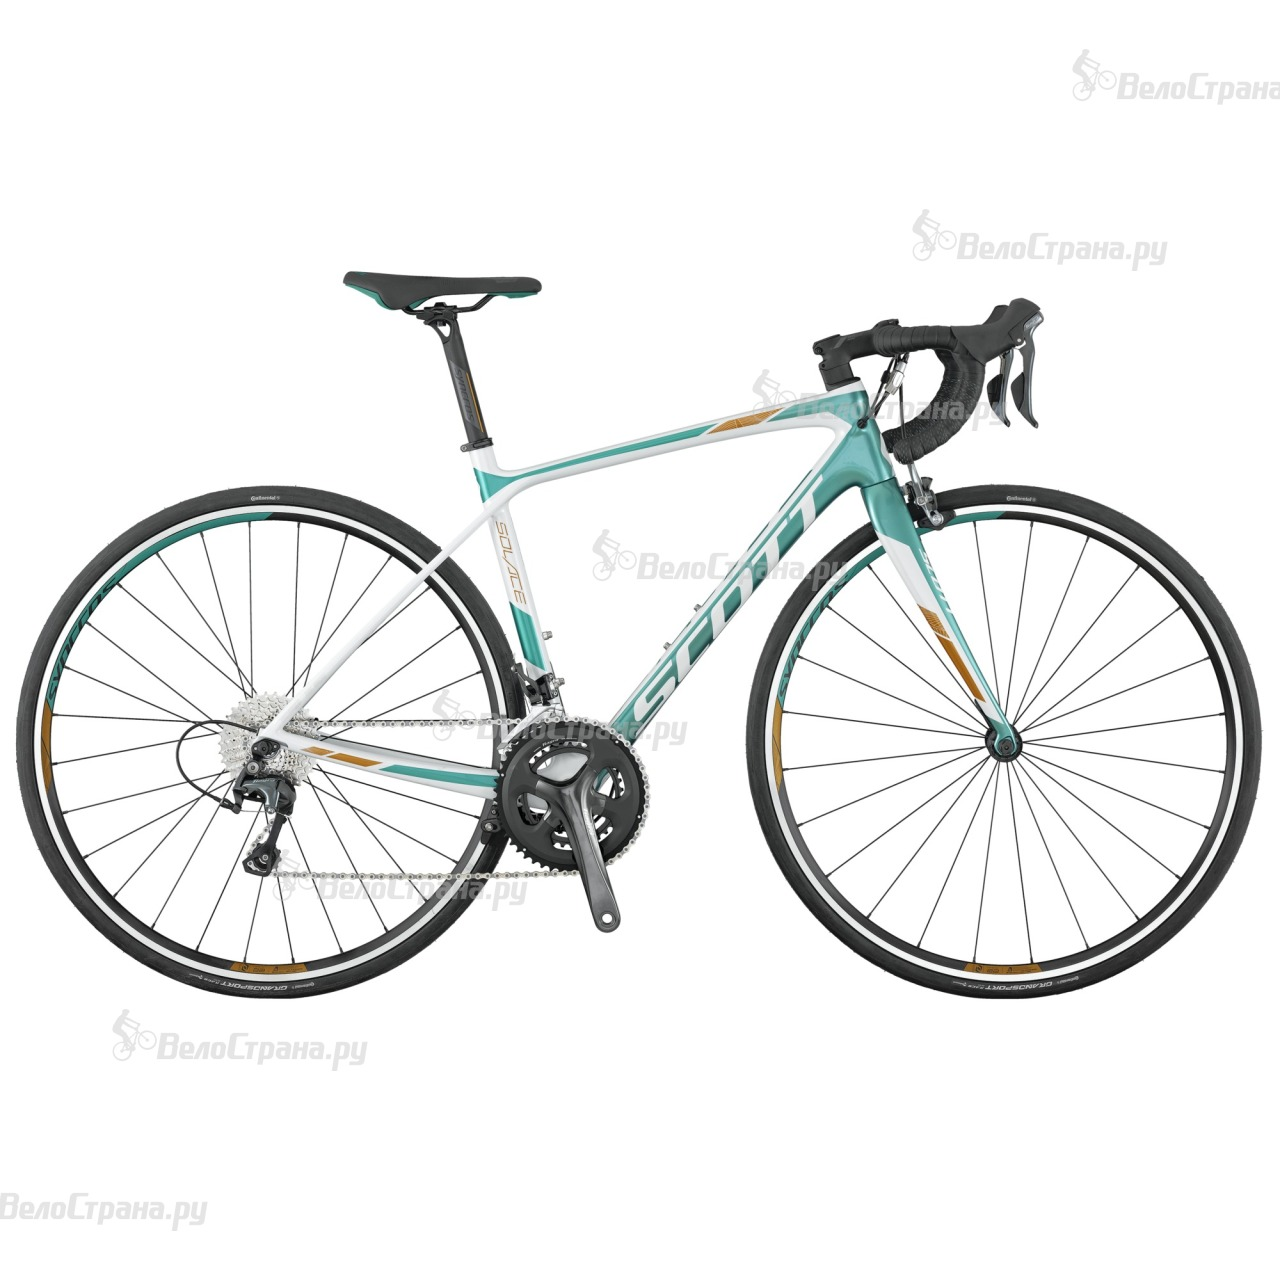 Велосипед Scott Contessa Solace 35 (2017) велосипед scott contessa solace 15 compact 2015